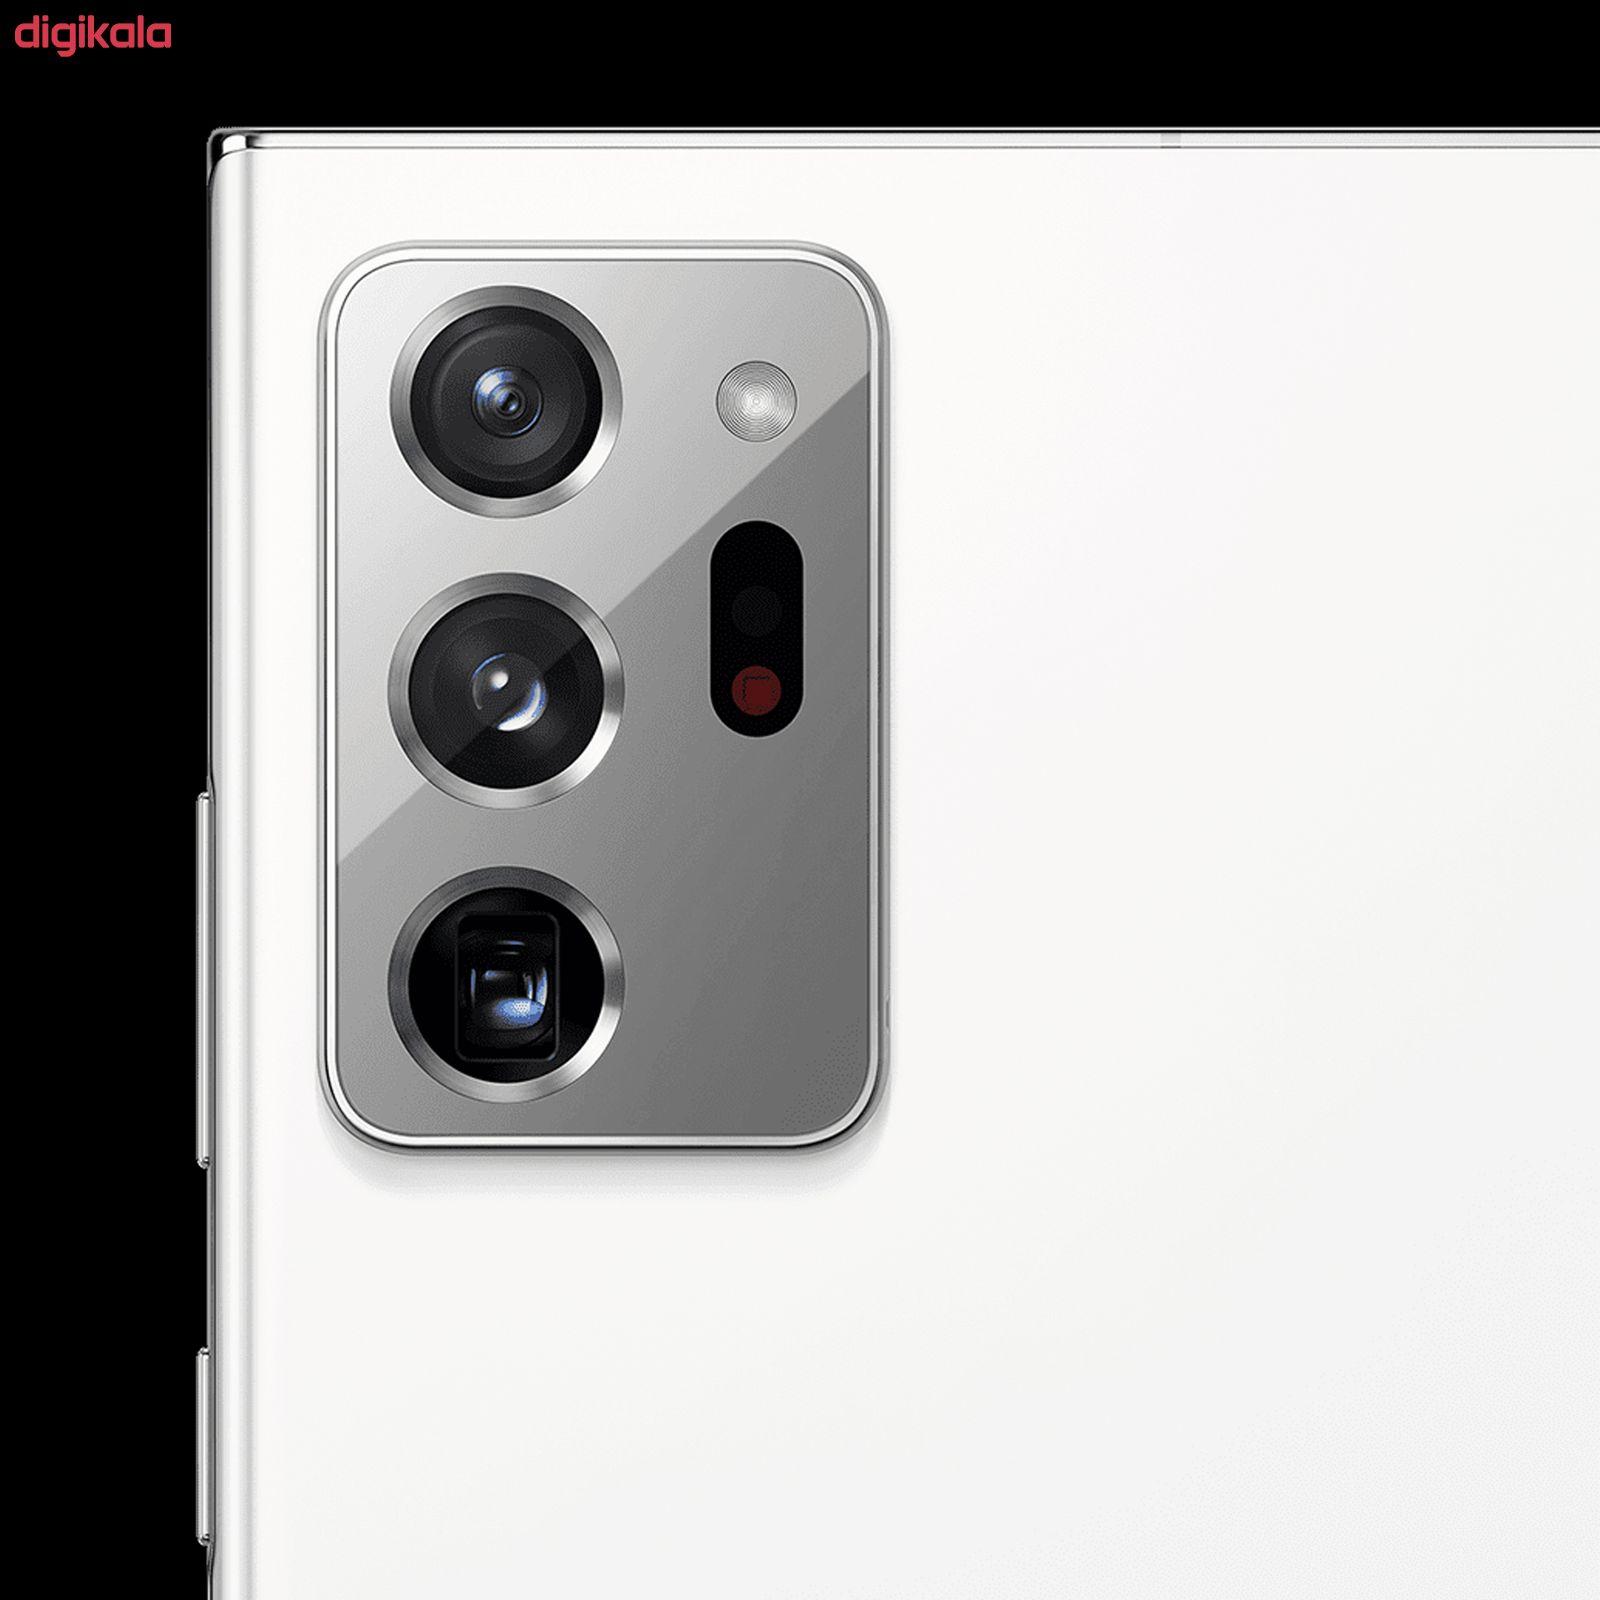 گوشی موبایل سامسونگ مدل Galaxy Note20 Ultra SM-N985F/DS دو سیم کارت ظرفیت 256 گیگابایت  main 1 14